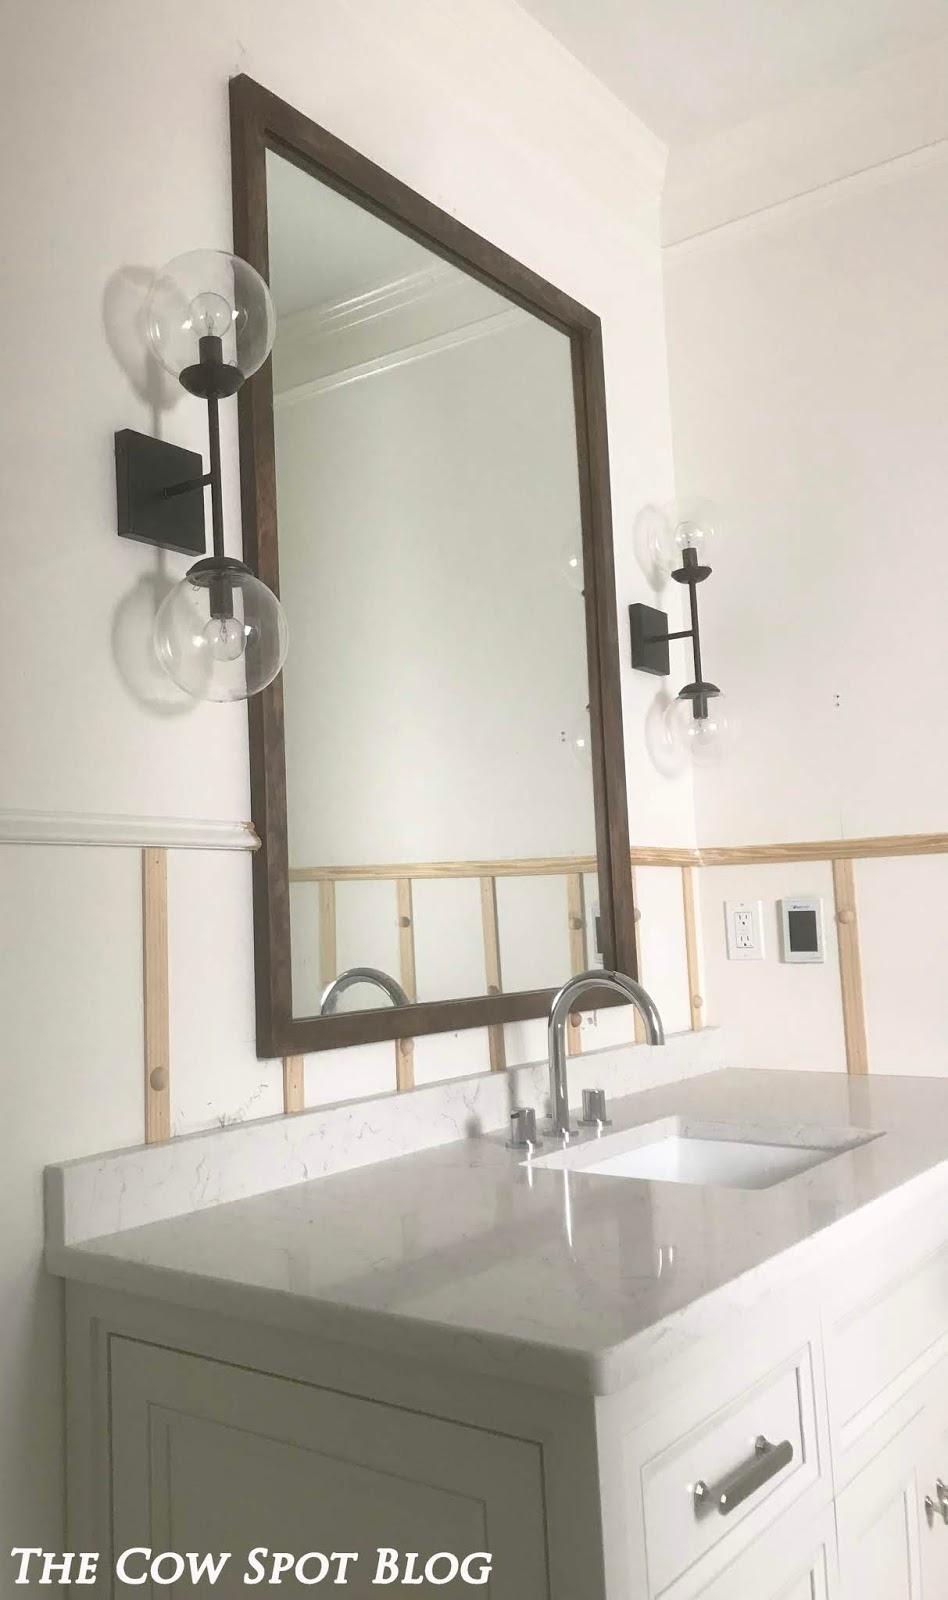 The Cow Spot: Cabinetry & Trim - Croix\'s Bath Part 4